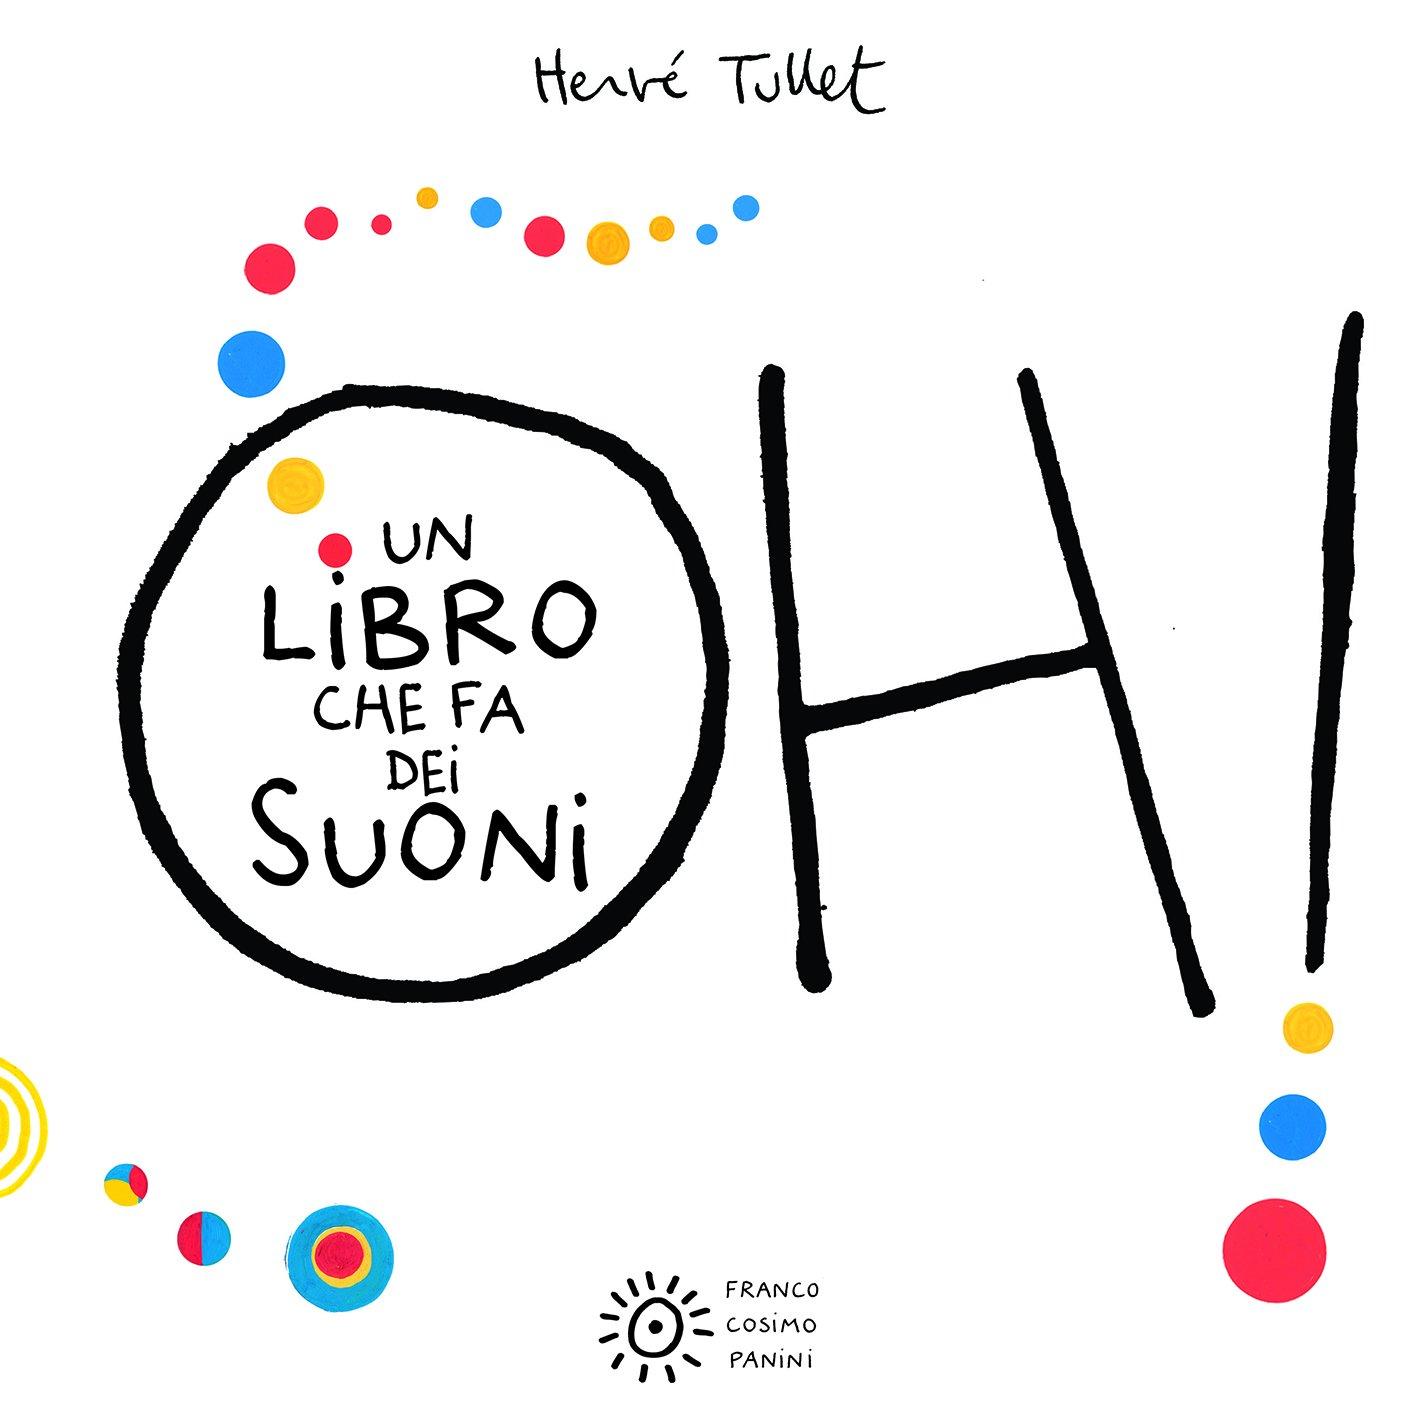 Copertina del libro Oh! Un libro che fa dei suoni per il Progetto Nati per Leggere